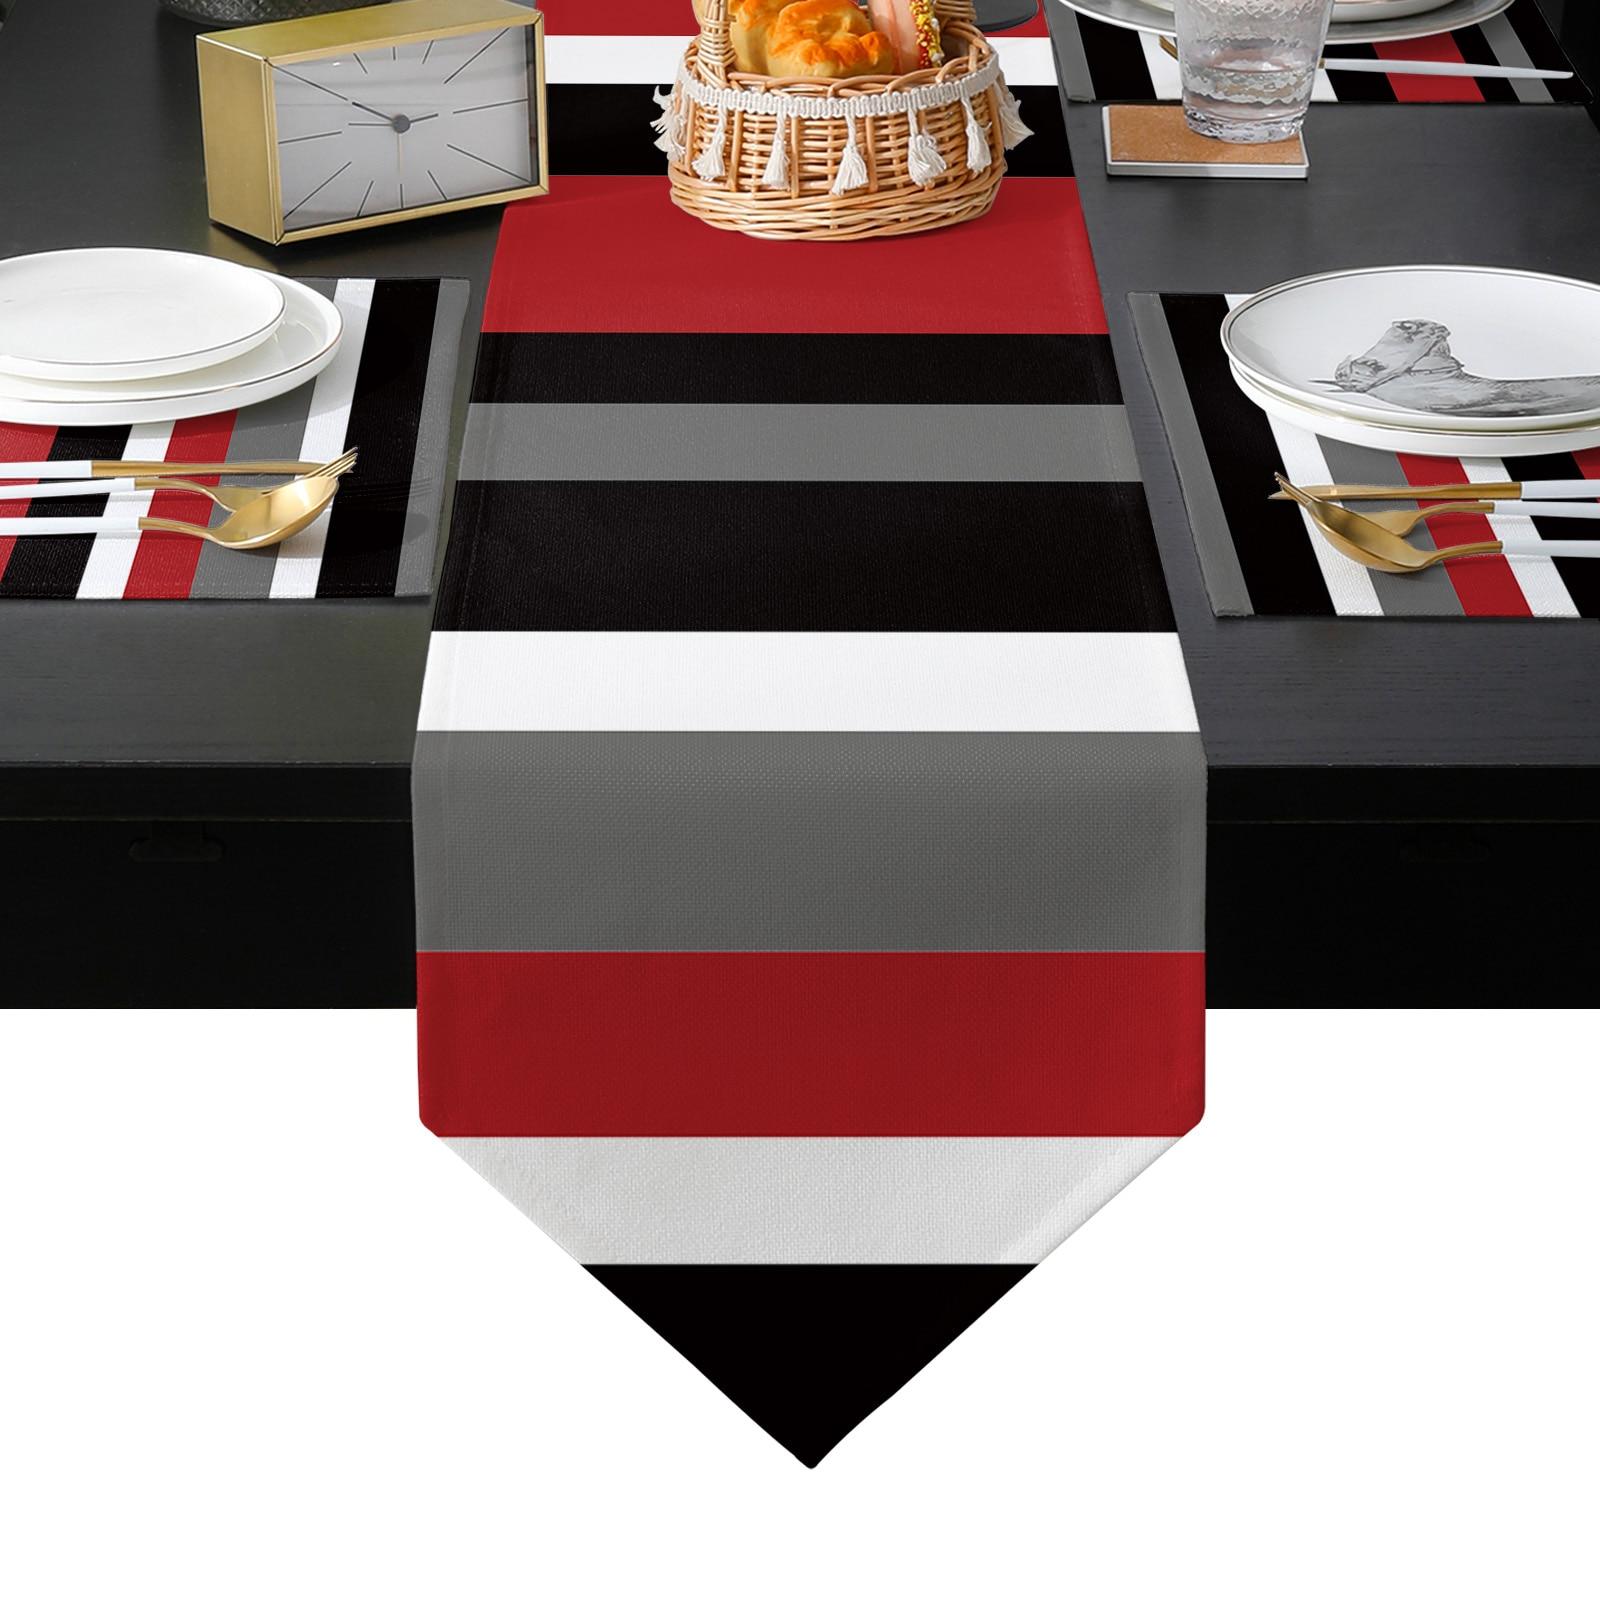 أحمر أسود أبيض المشارب هندسية الجدول عداء و تحديد الموقع مجموعة الجدول العلم الجدول الحصير للمنزل الحديث ديكور حفلات الزواج